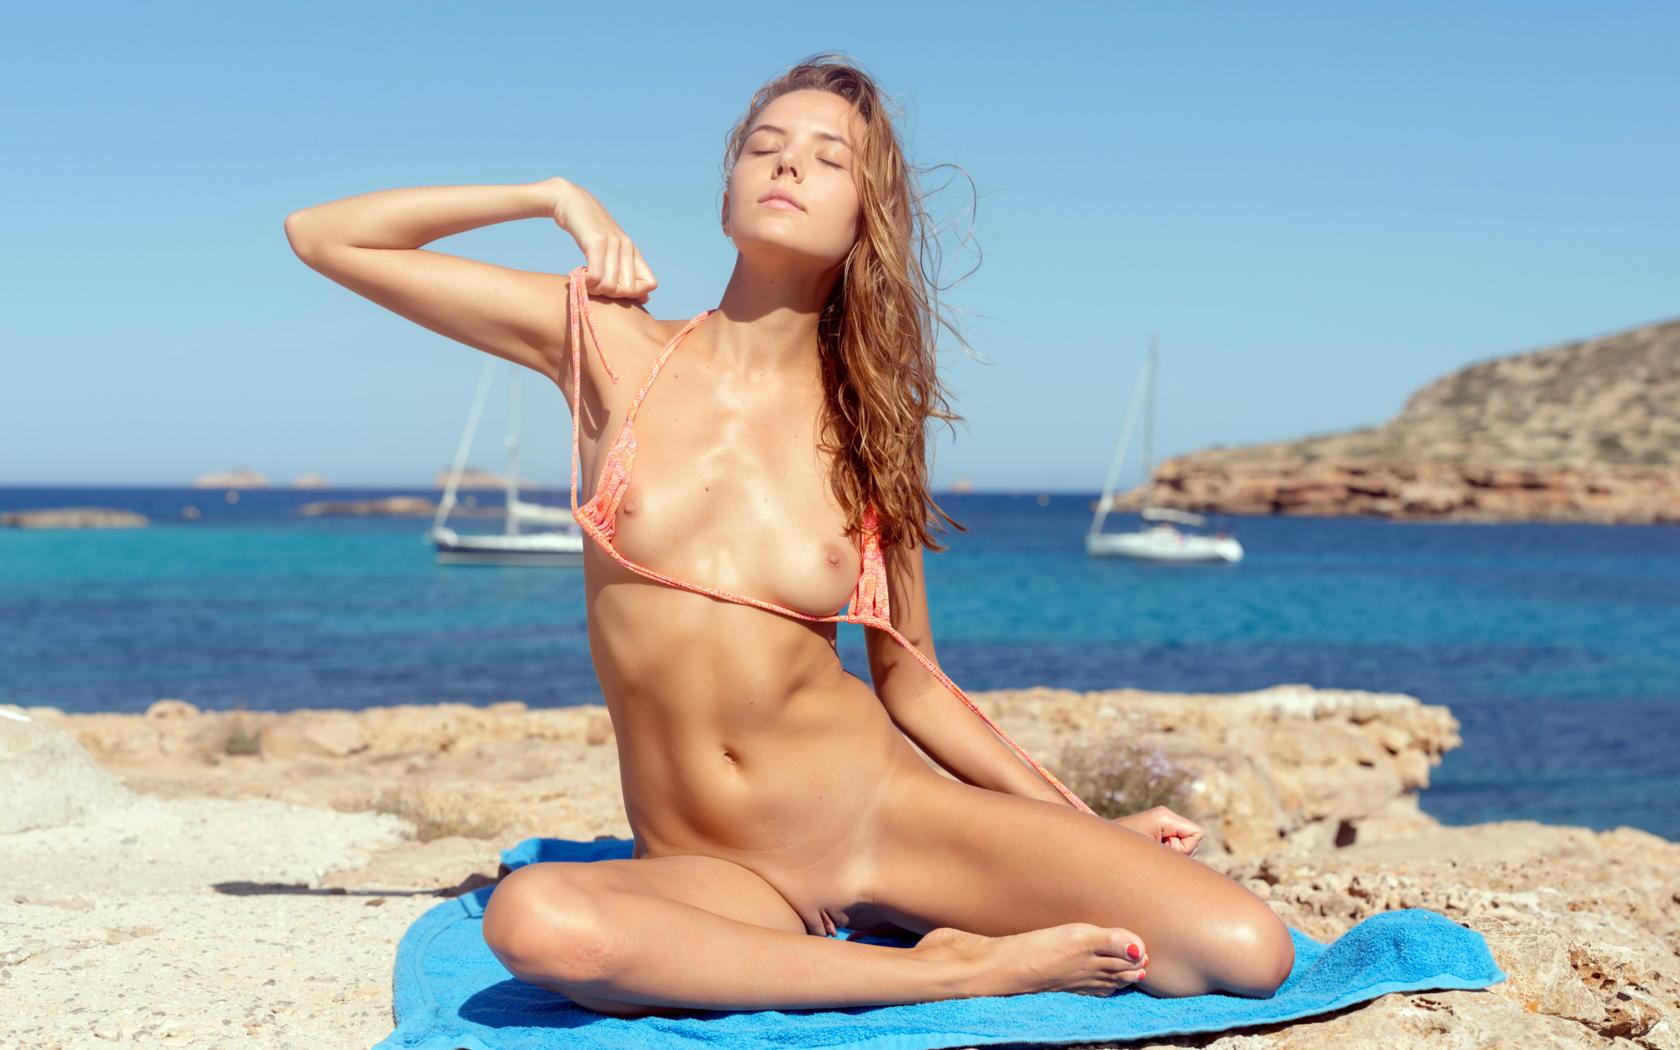 Wicked weasel bikini nude